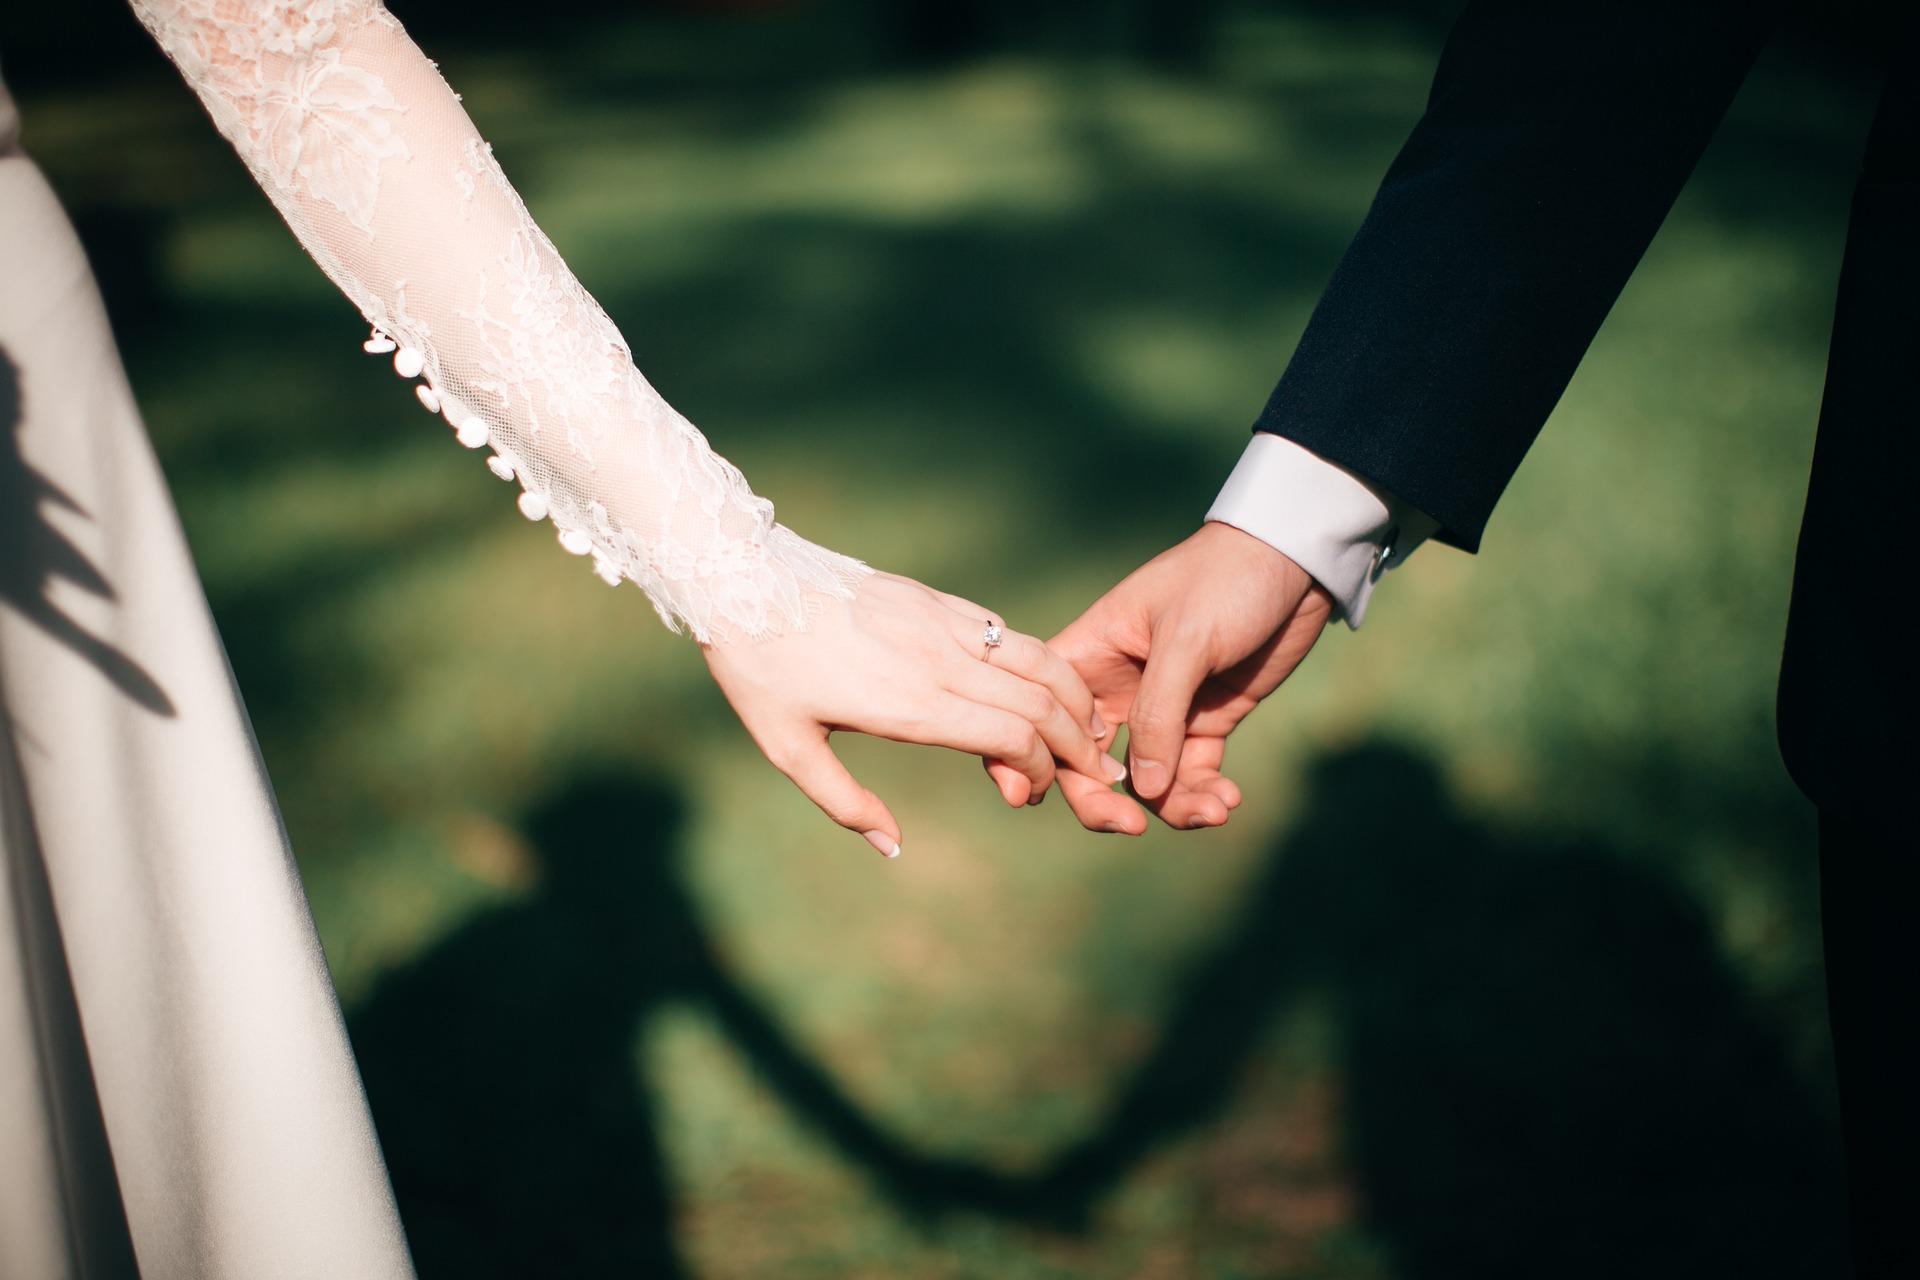 małżeństwo ślub - Pixabay